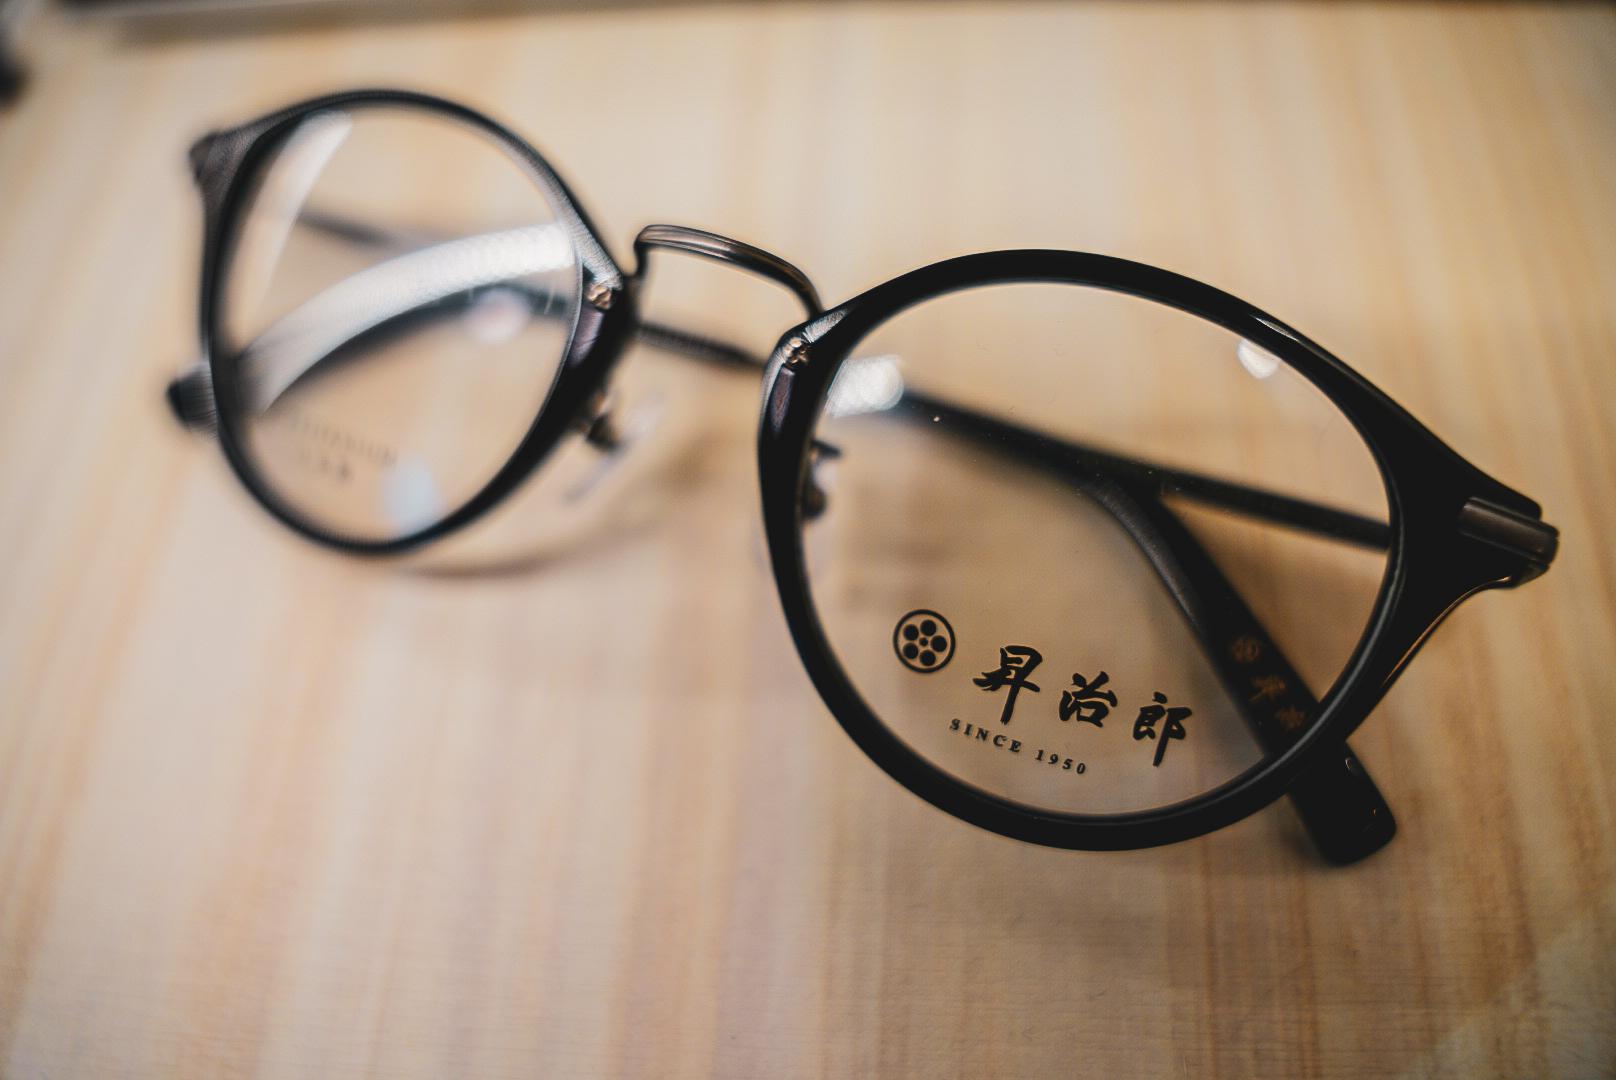 昇治郎 6103 BK